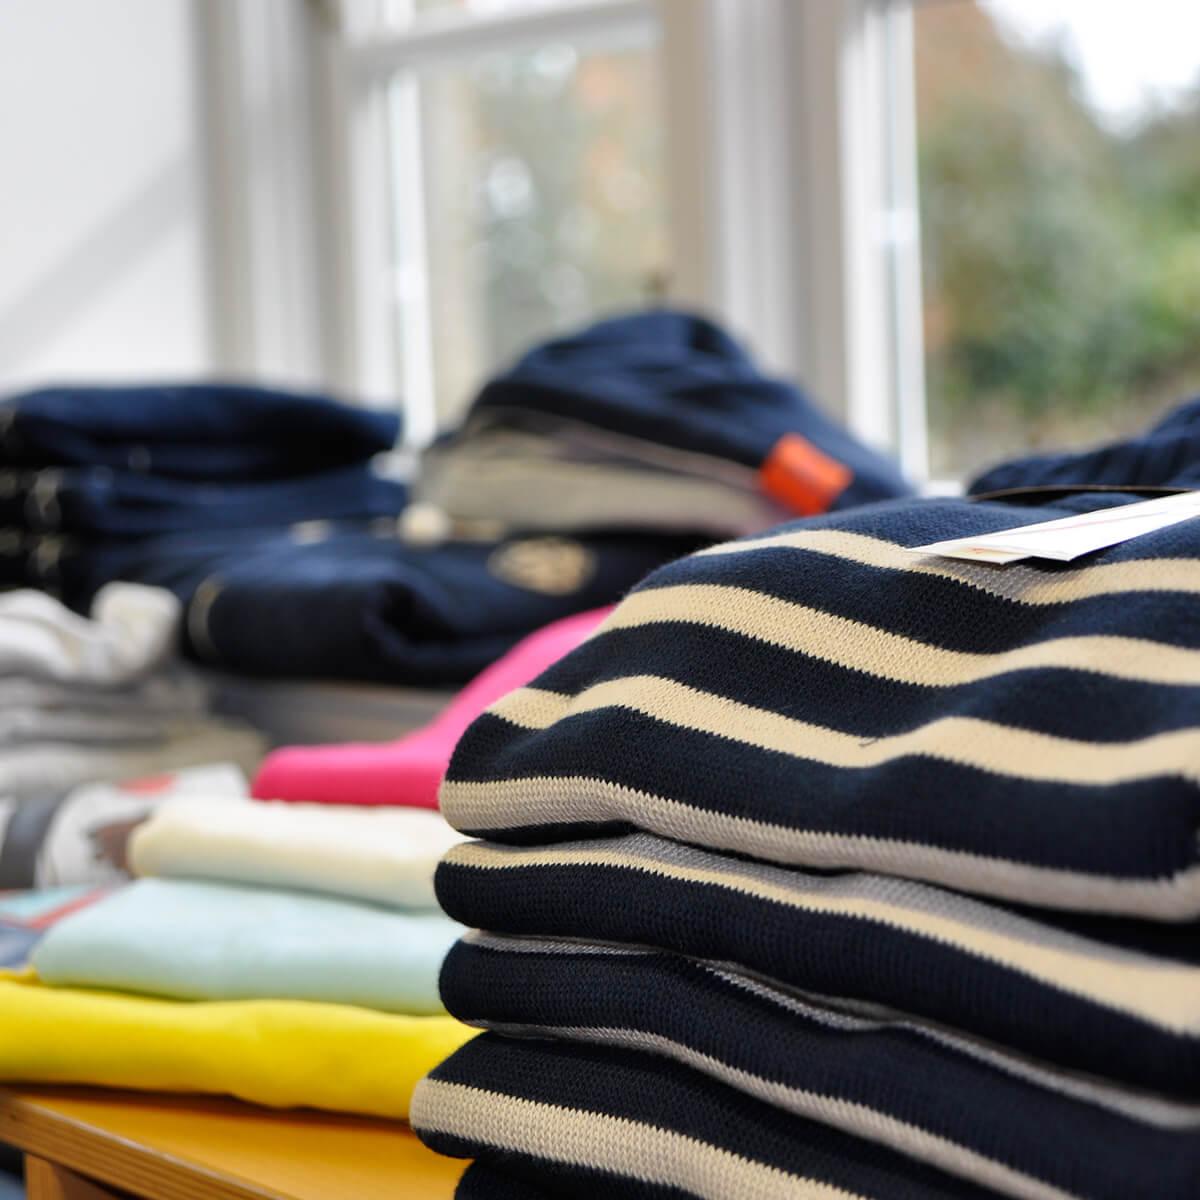 Verschiedene Kleidungsstücke vor einem Fenster